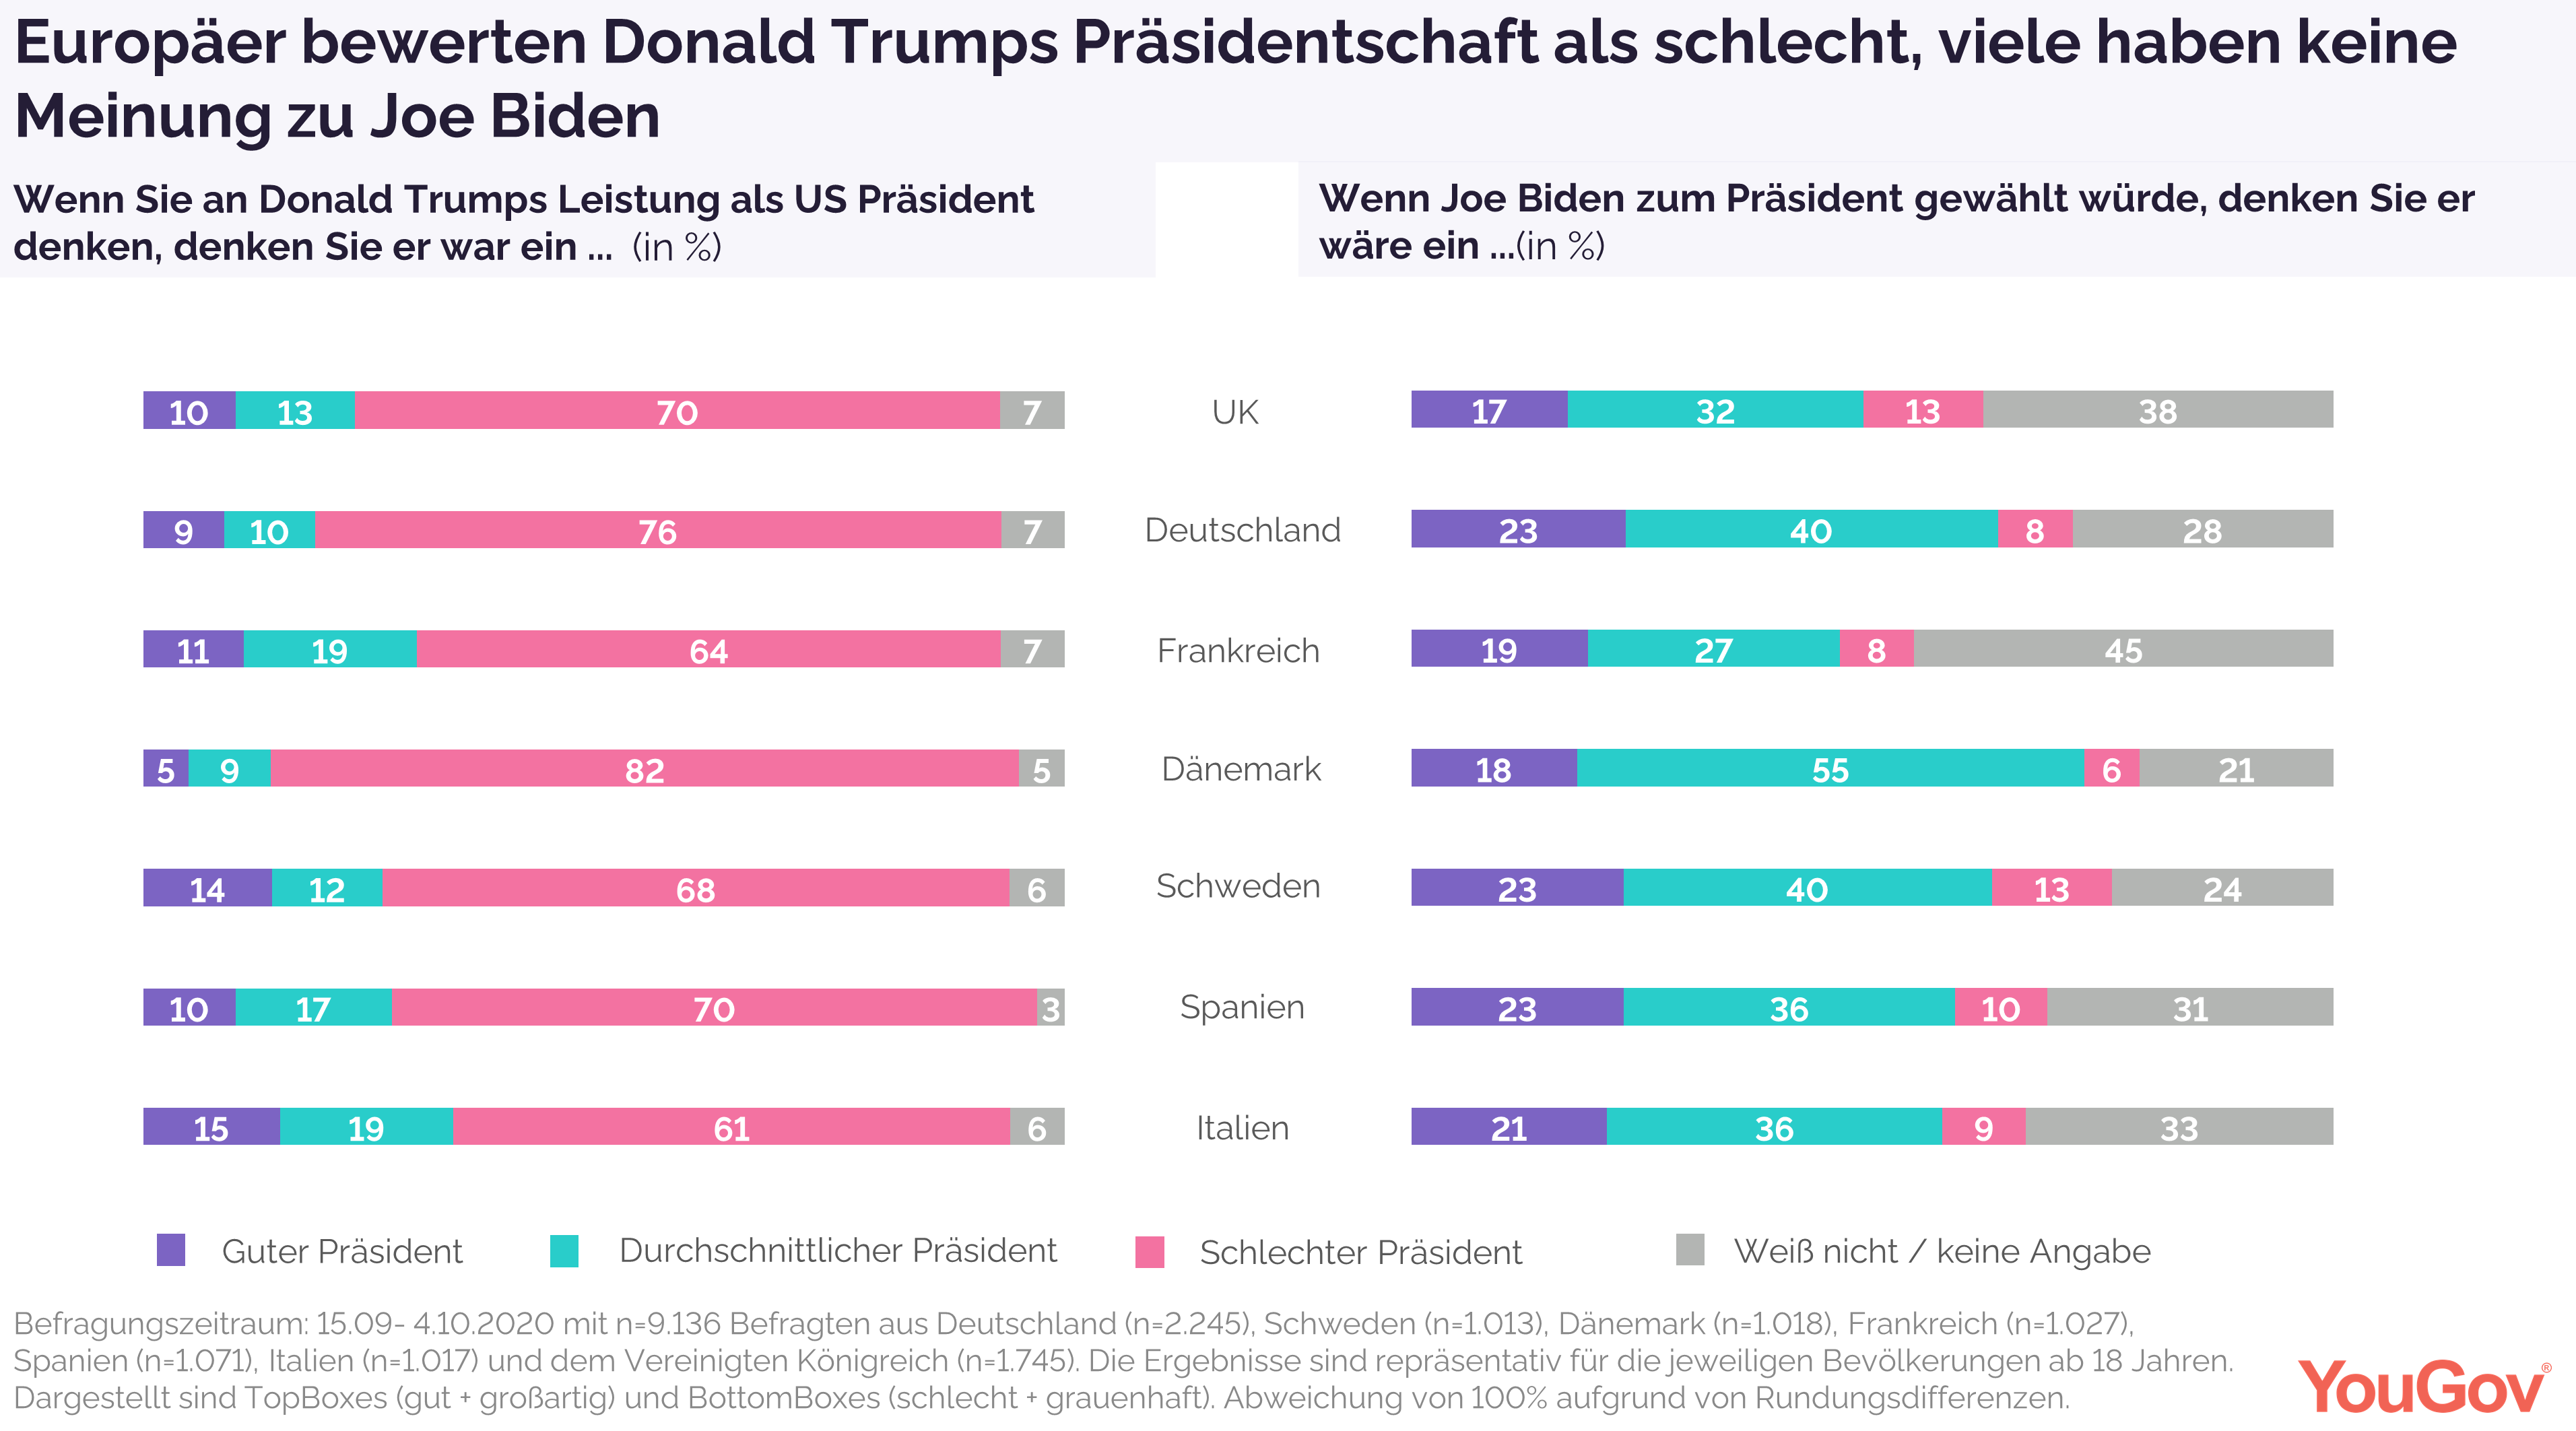 Europäer bewerten Trump als schlechten Präsidenten